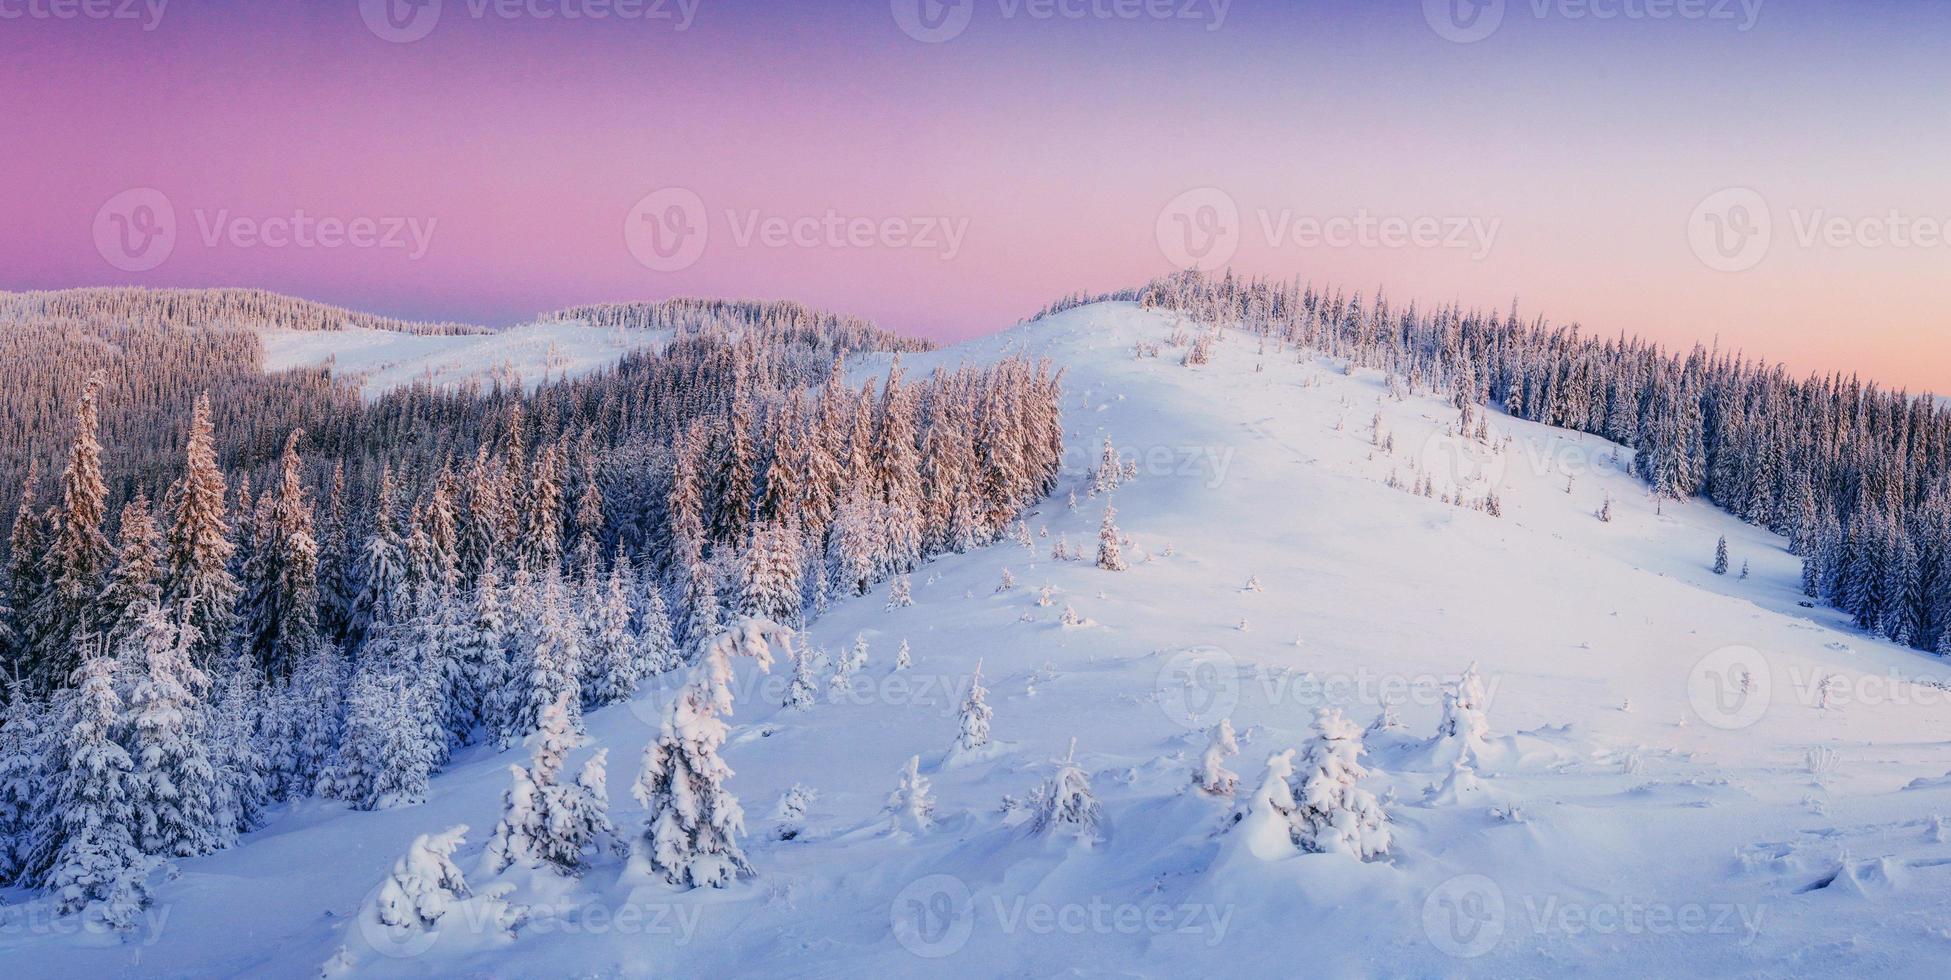 coucher de soleil mystérieux dans les montagnes. Carpates, Ukraine, Europe. photo